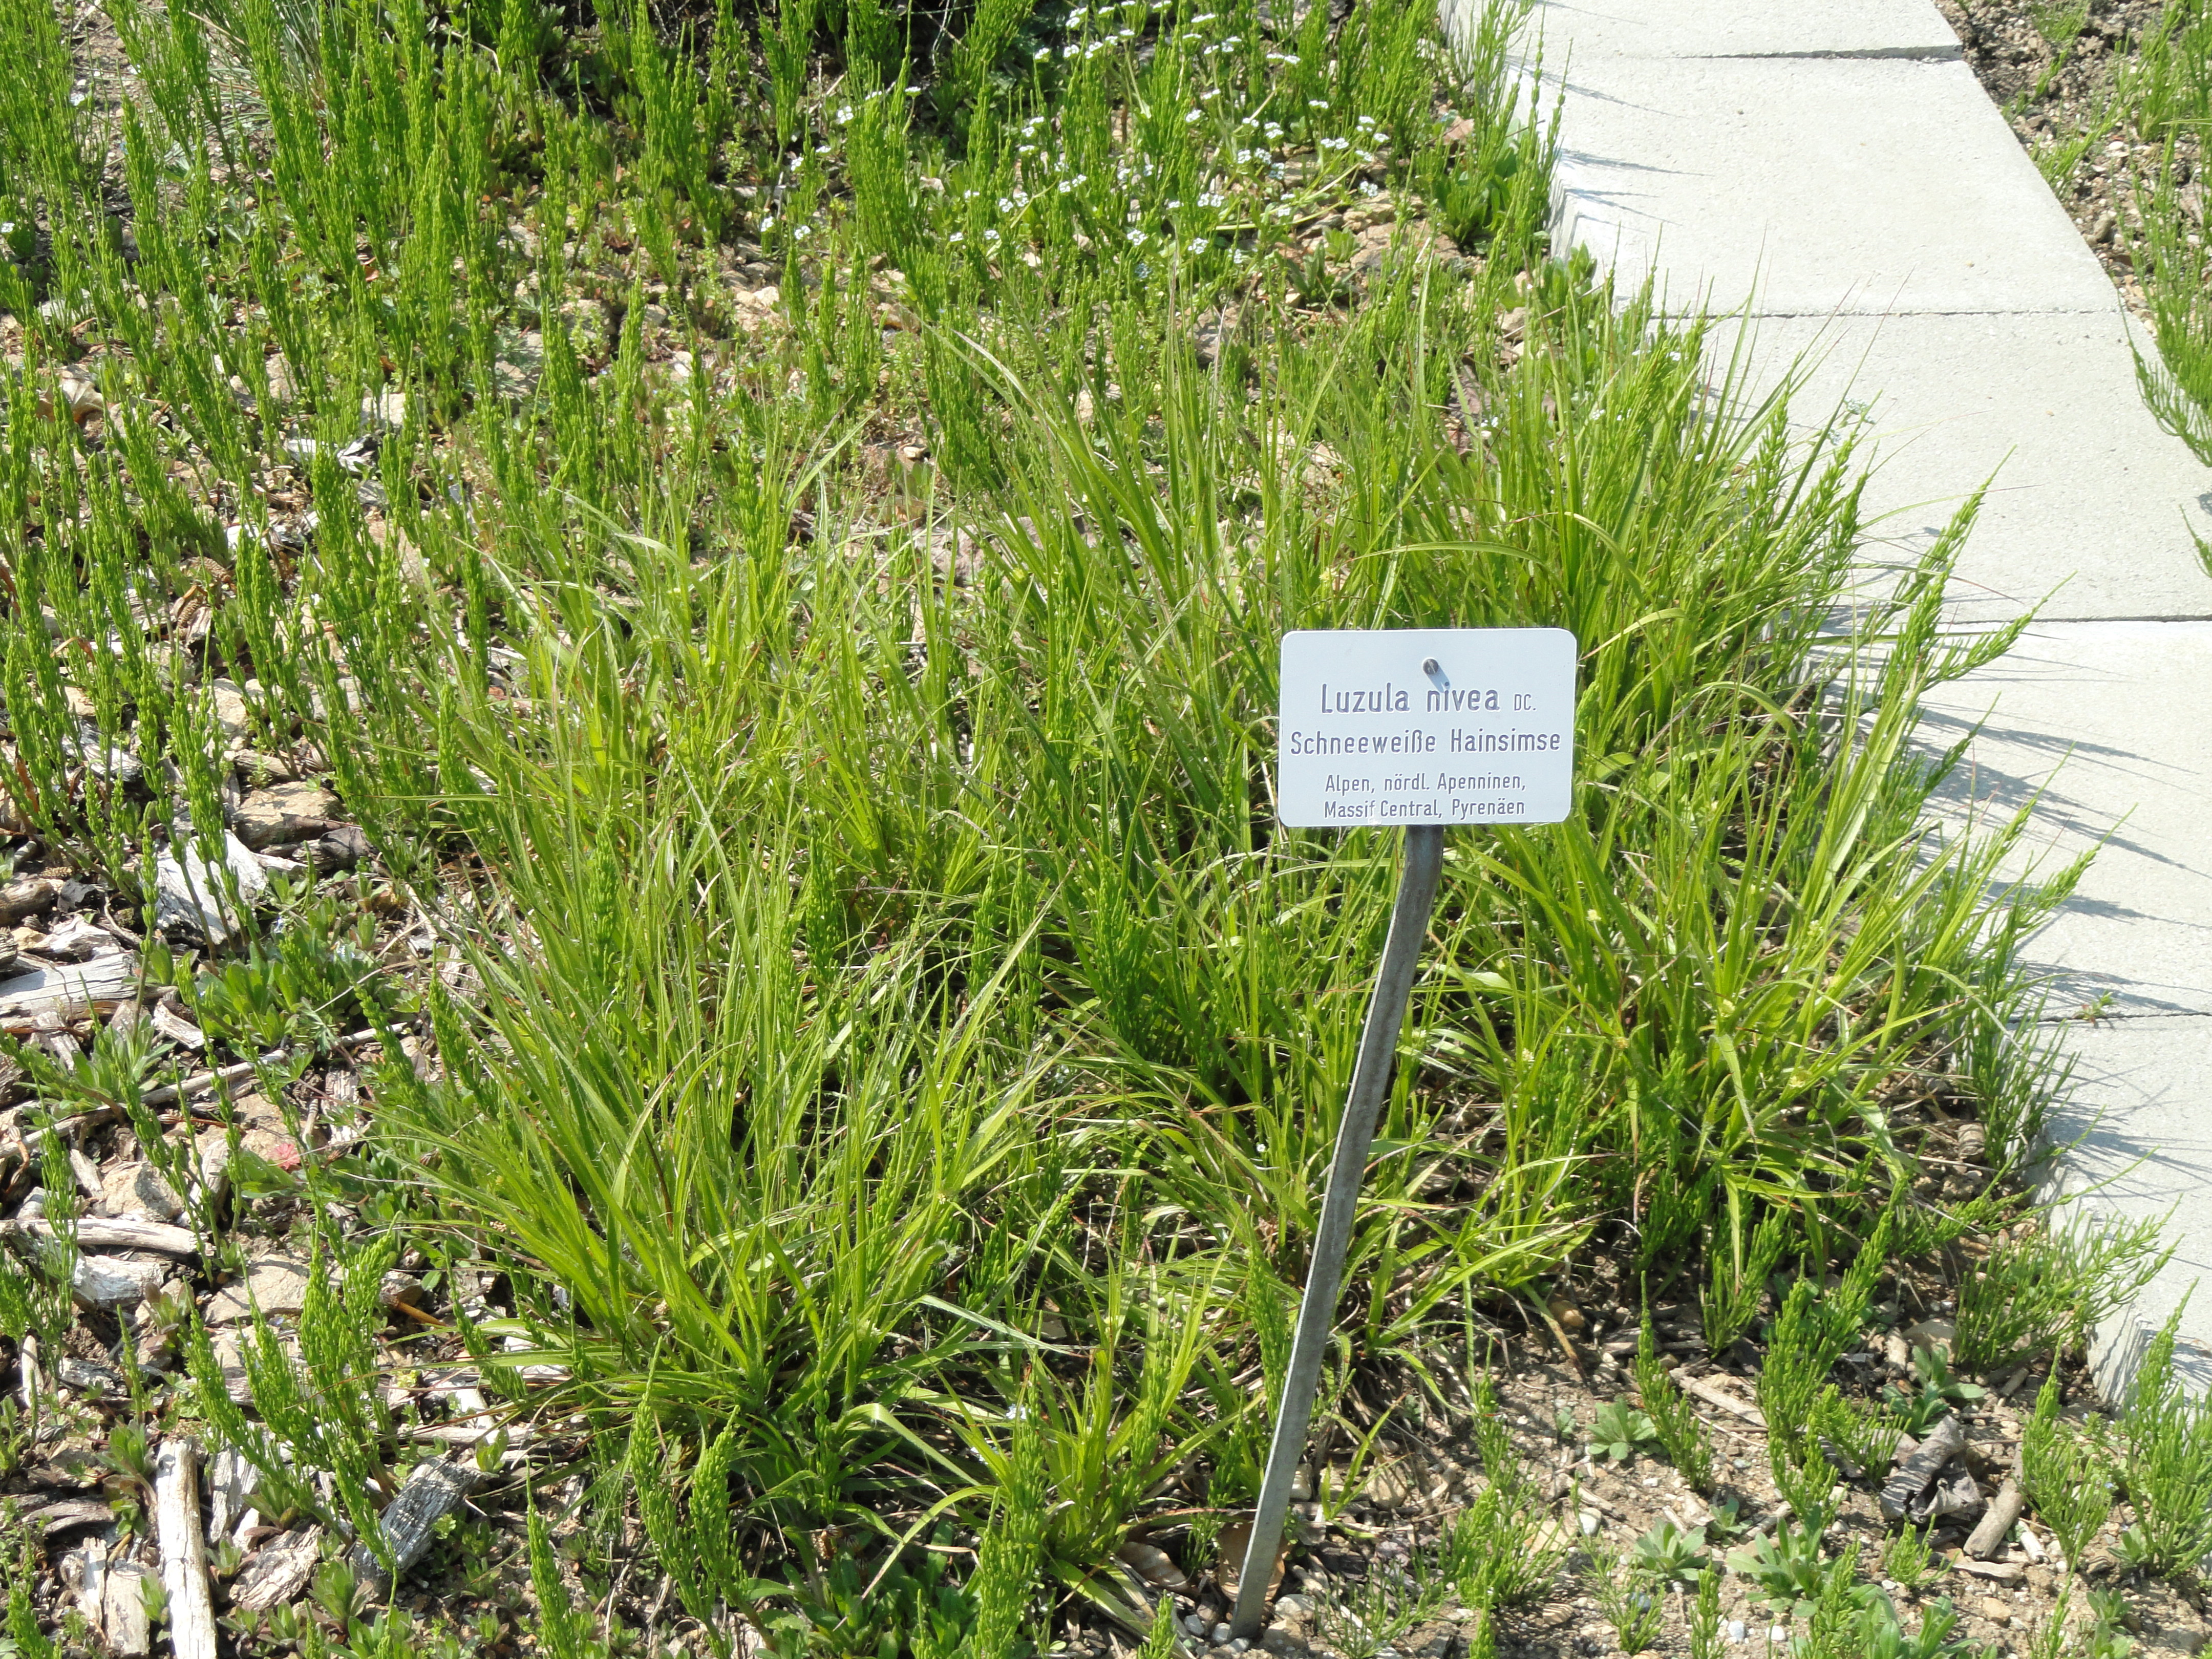 File:Luzula nivea - Botanischer Garten München-Nymphenburg ...